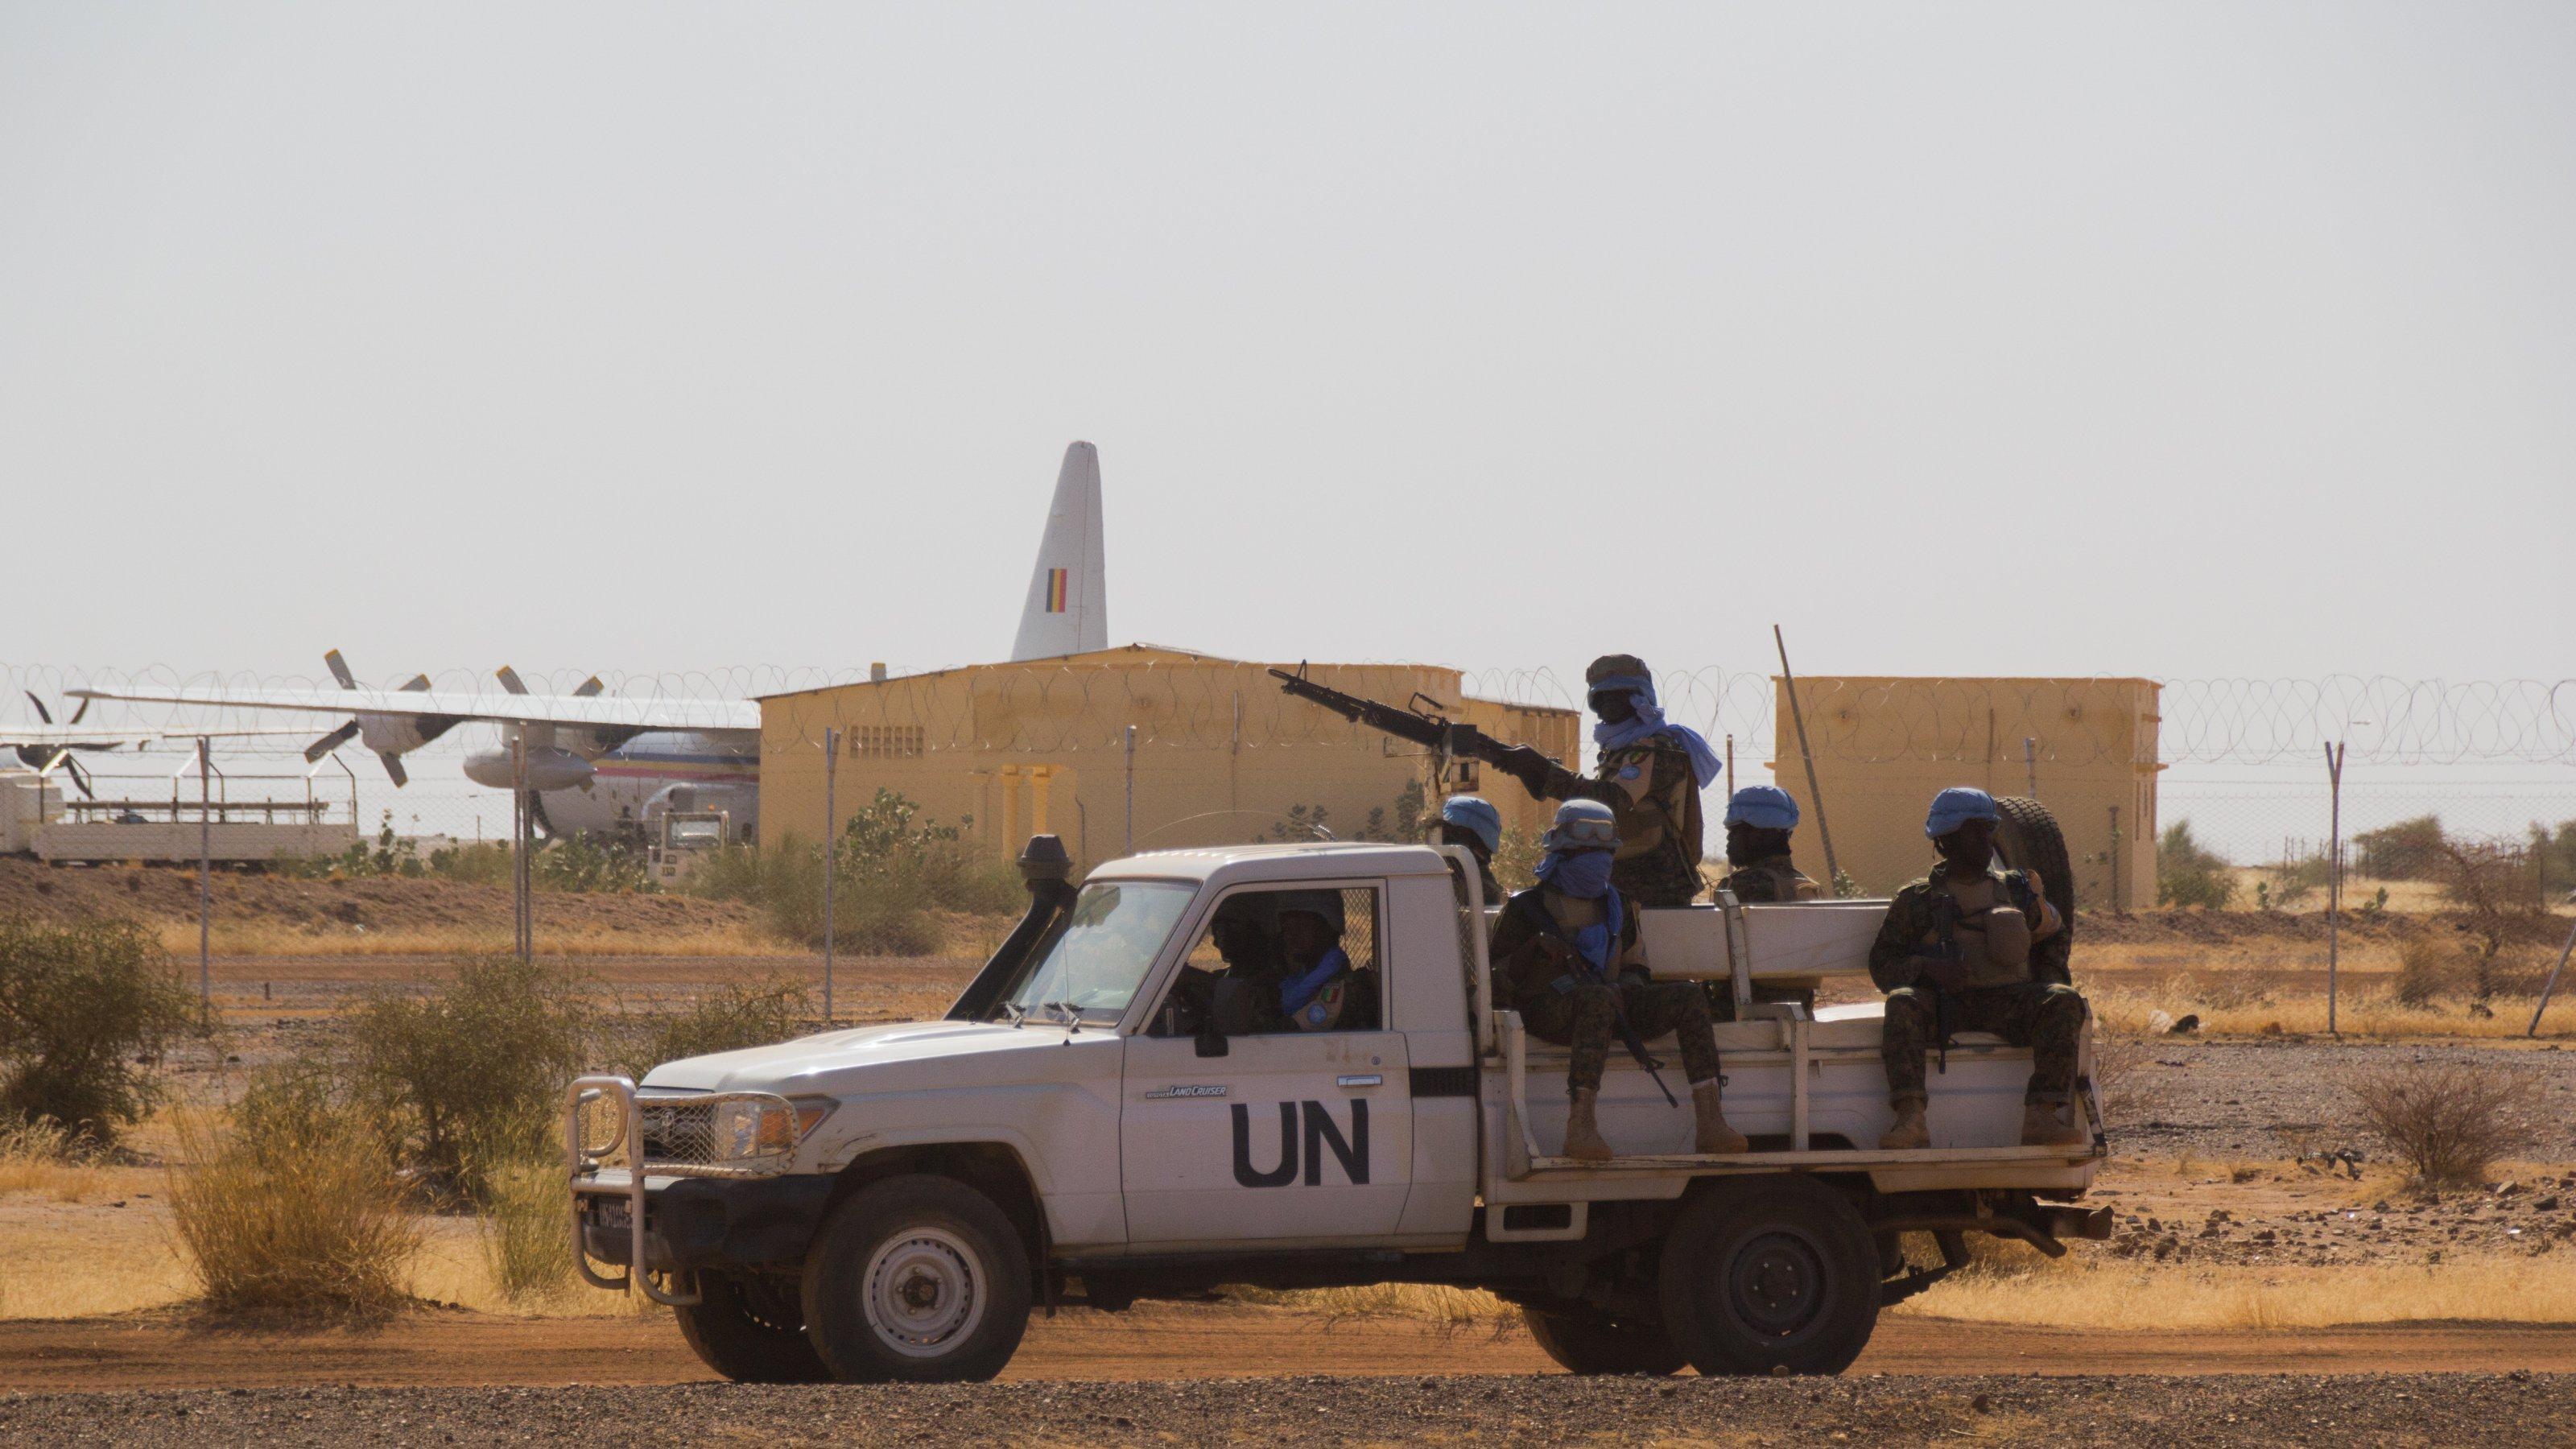 Man sieht einen Pickup mit aufmontiertem Geschütz, auf den Bänken darum herum sitzen Blauhelm-Soldaten. Die Luft ist staubig, die Erde trocken. Im Hintergrund ist ein Flughafen zu sehen, eine Maschine zu einem guten Teil hinter dem Flughafengebäude verborgen.